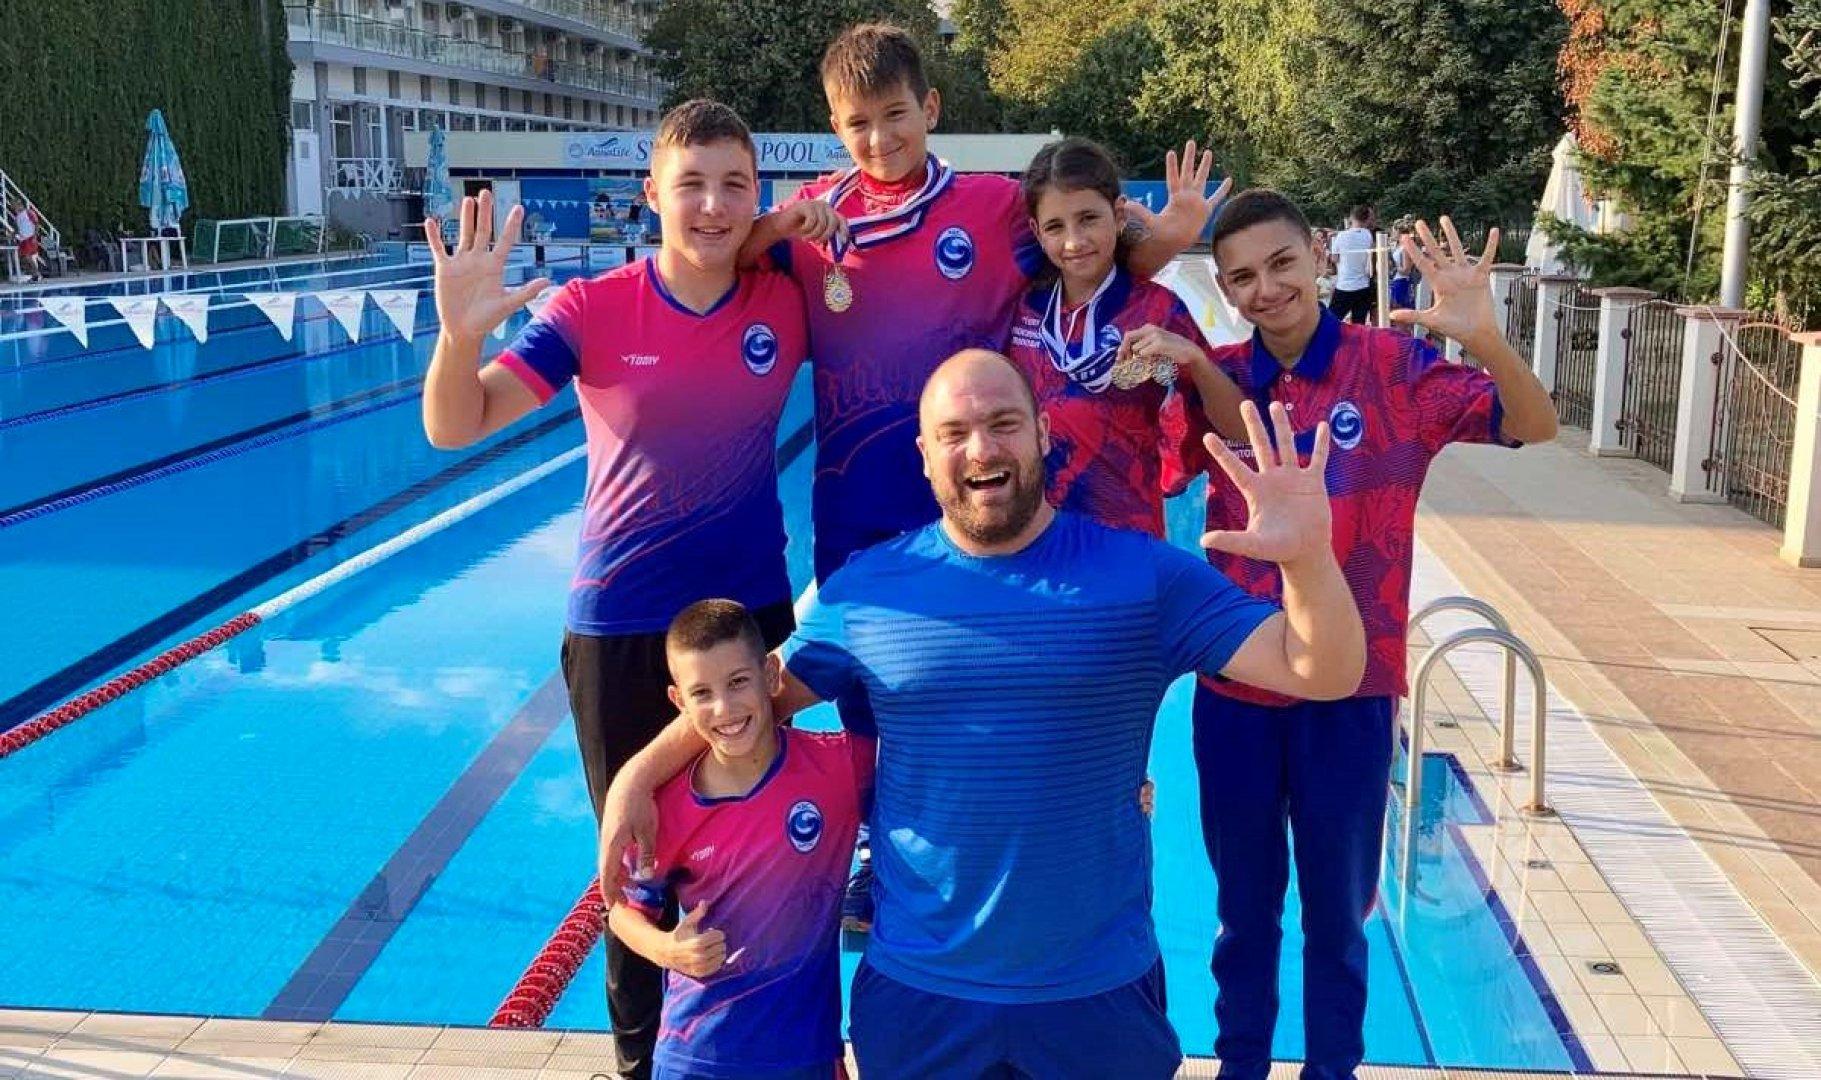 Треньорът Иван Попов позира с петимата състезатели след успешното им представяне. Снимка КВС Бургас